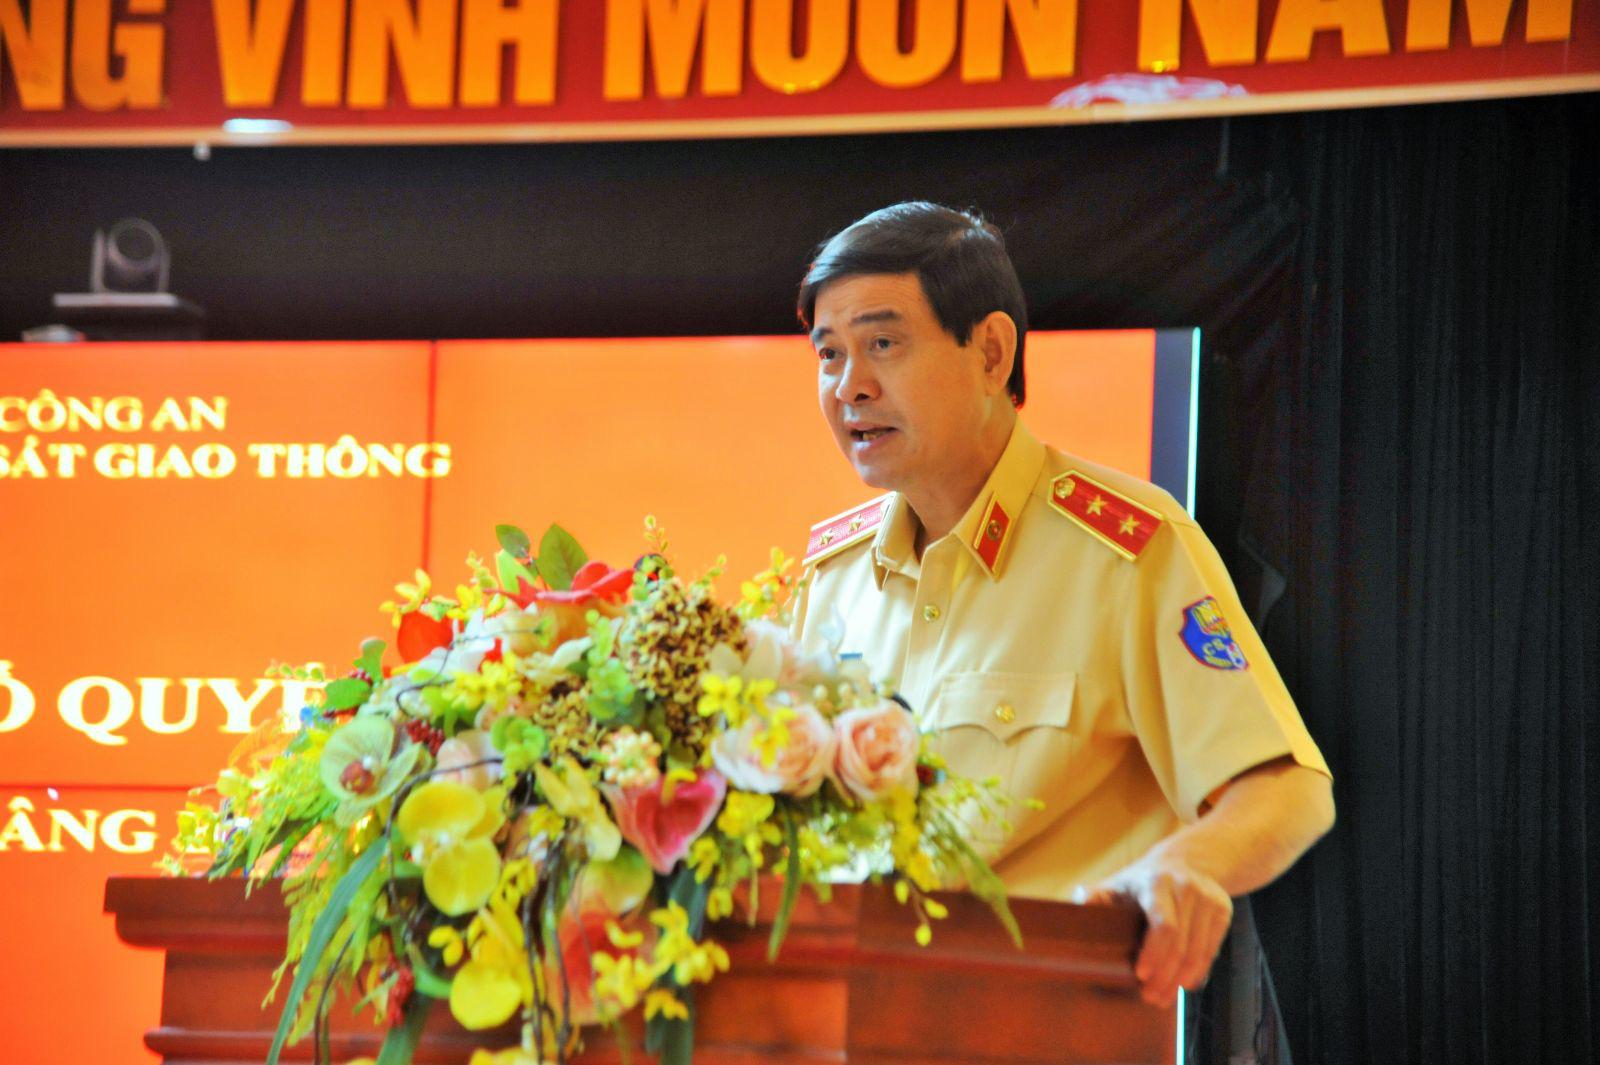 Giám đốc Công an Hà Nam làm Cục trưởng Cảnh sát giao thông thay Trung tướng Vũ Đỗ Anh Dũng - Ảnh 3.